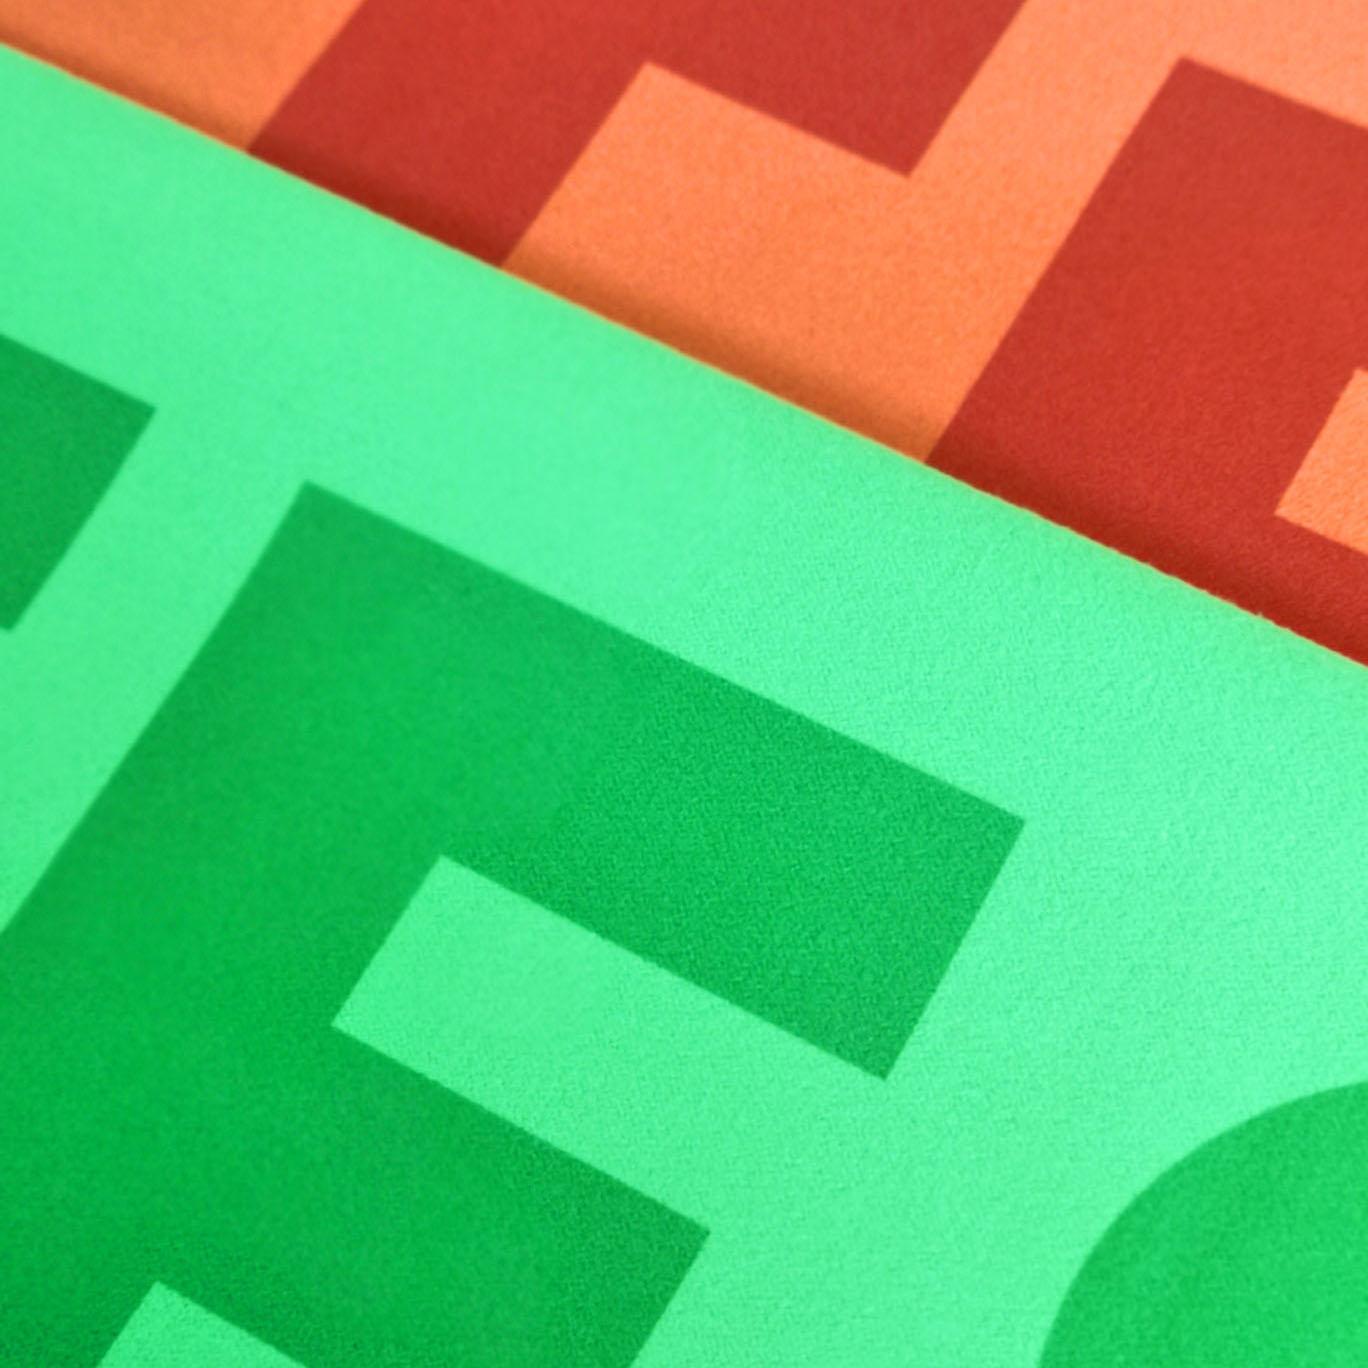 imprimons aussi sur les serviettes colorées.